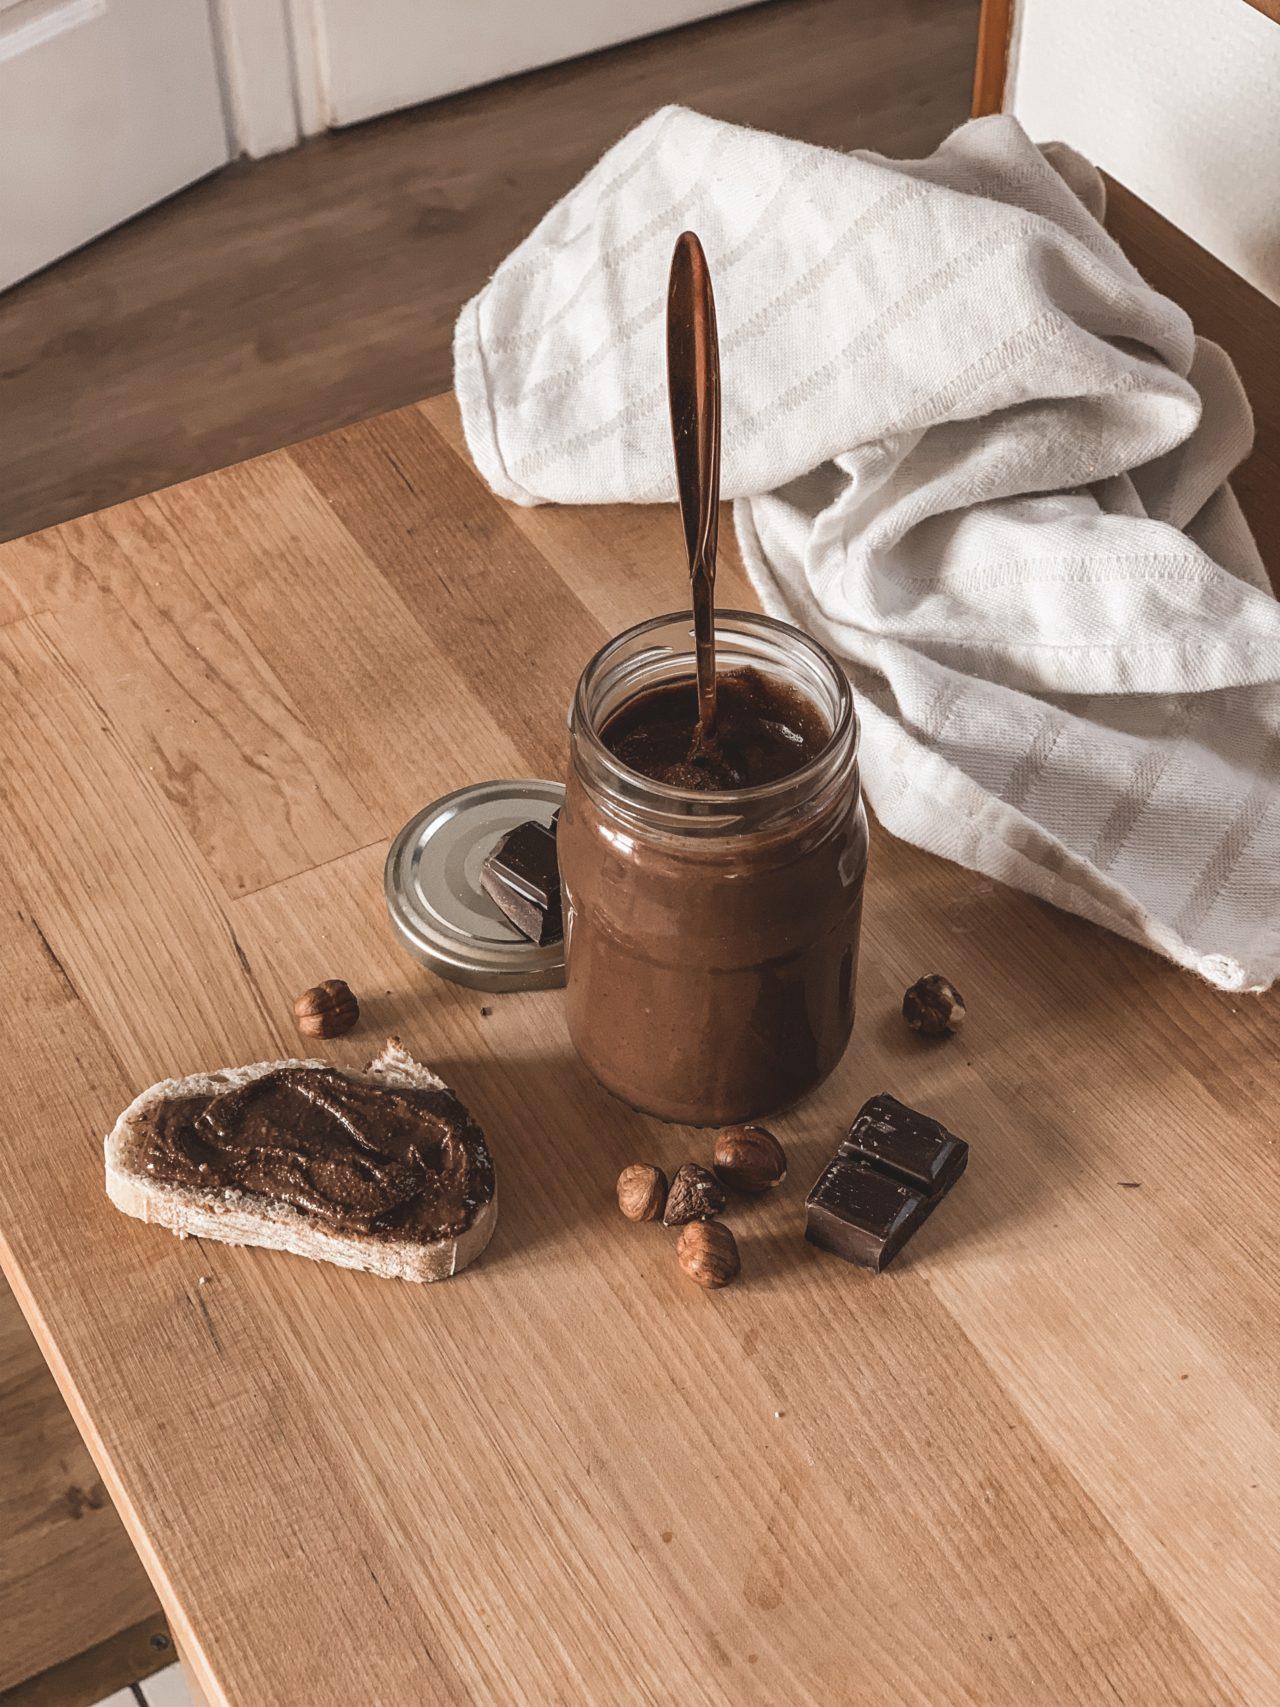 Nutella recette healthy